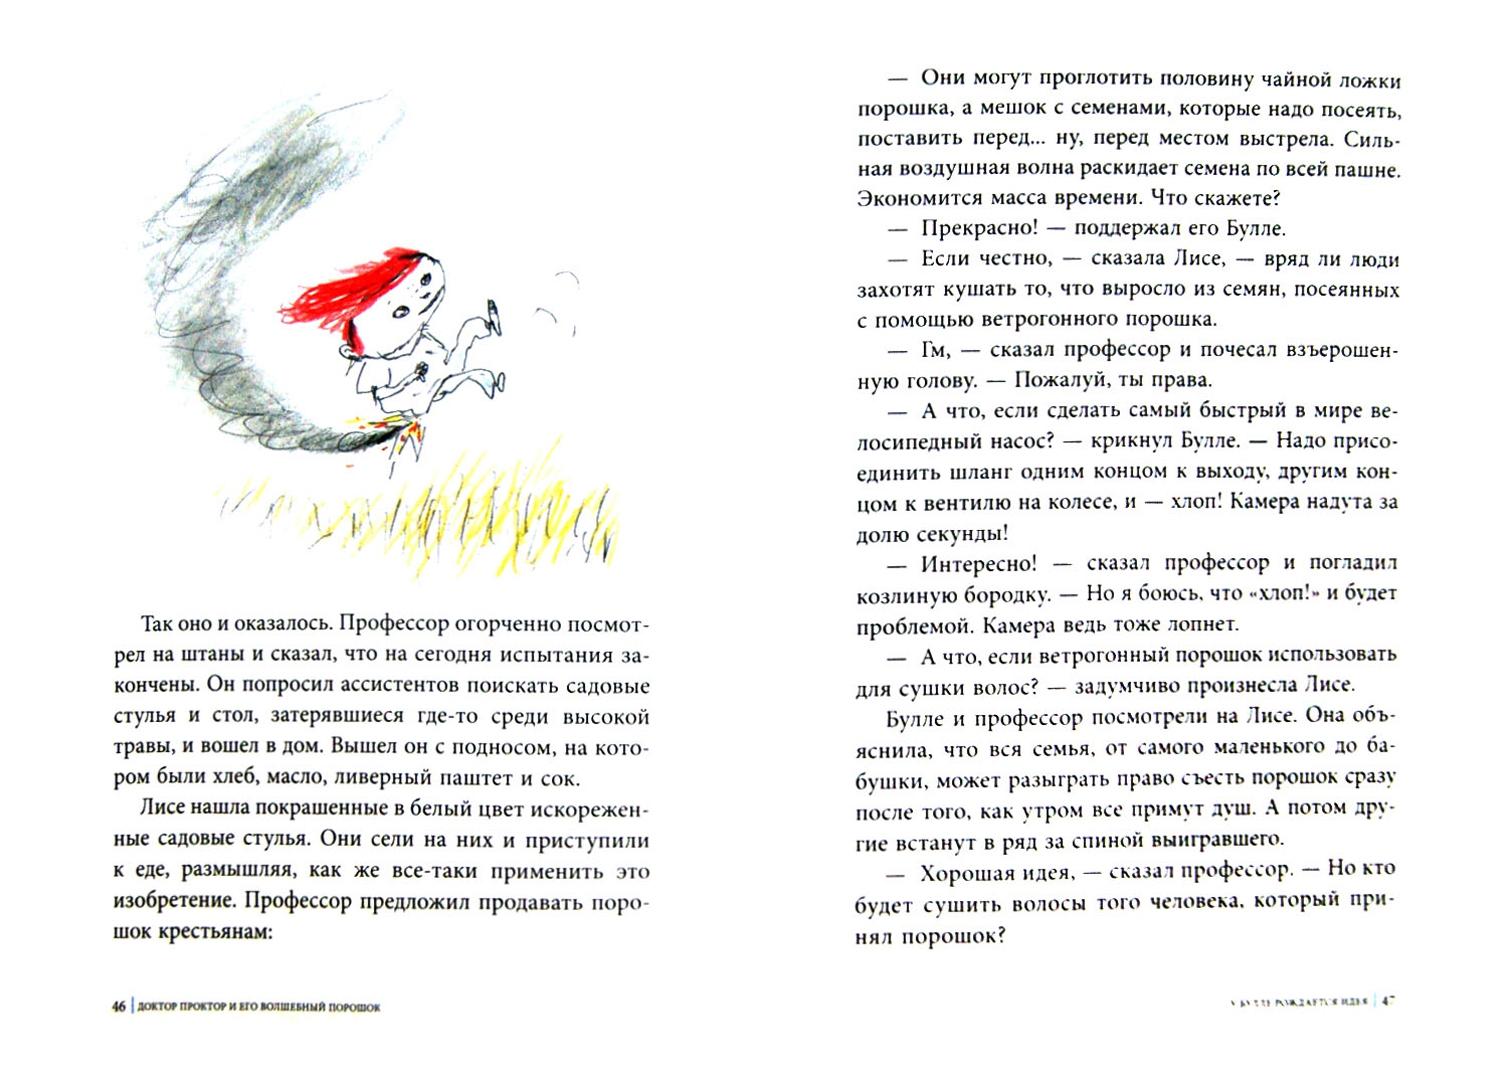 Иллюстрация 1 из 22 для Доктор Проктор и его волшебный порошок - Ю Несбё   Лабиринт - книги. Источник: Лабиринт